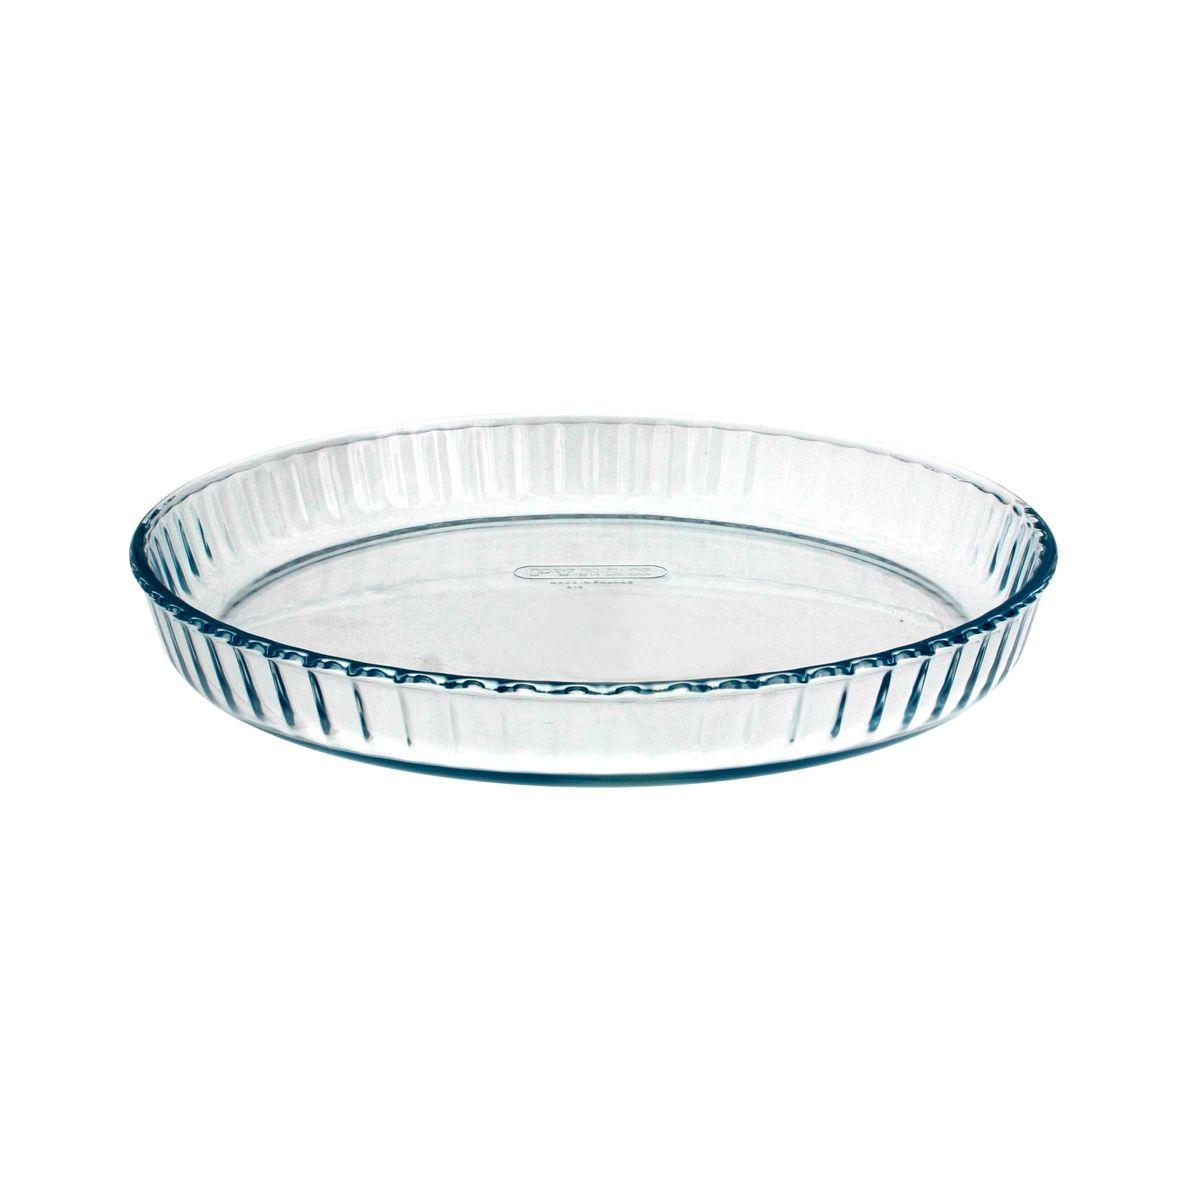 Moule à tarte transparent 28cm - Pyrex